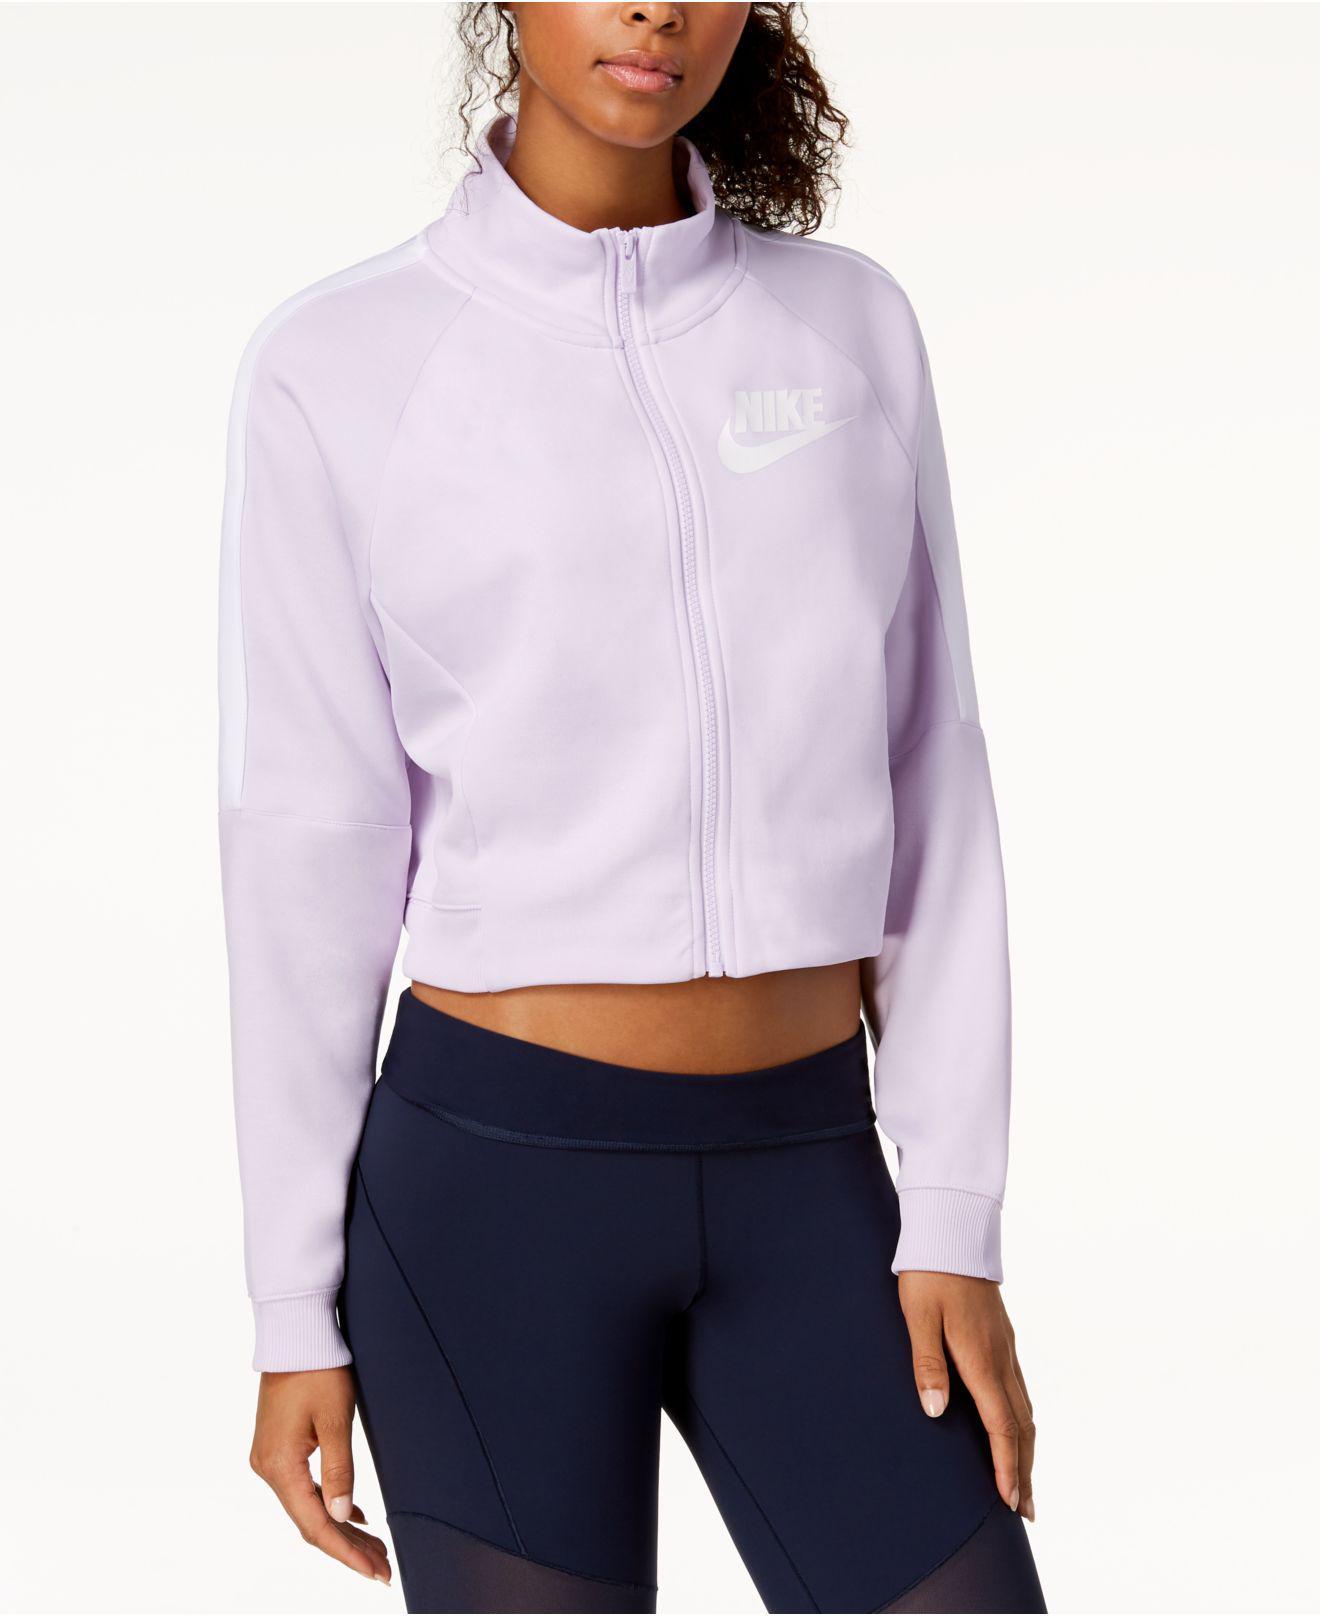 967a7f1bb32c1 Nike Sportswear Cropped Track Jacket in Purple - Lyst